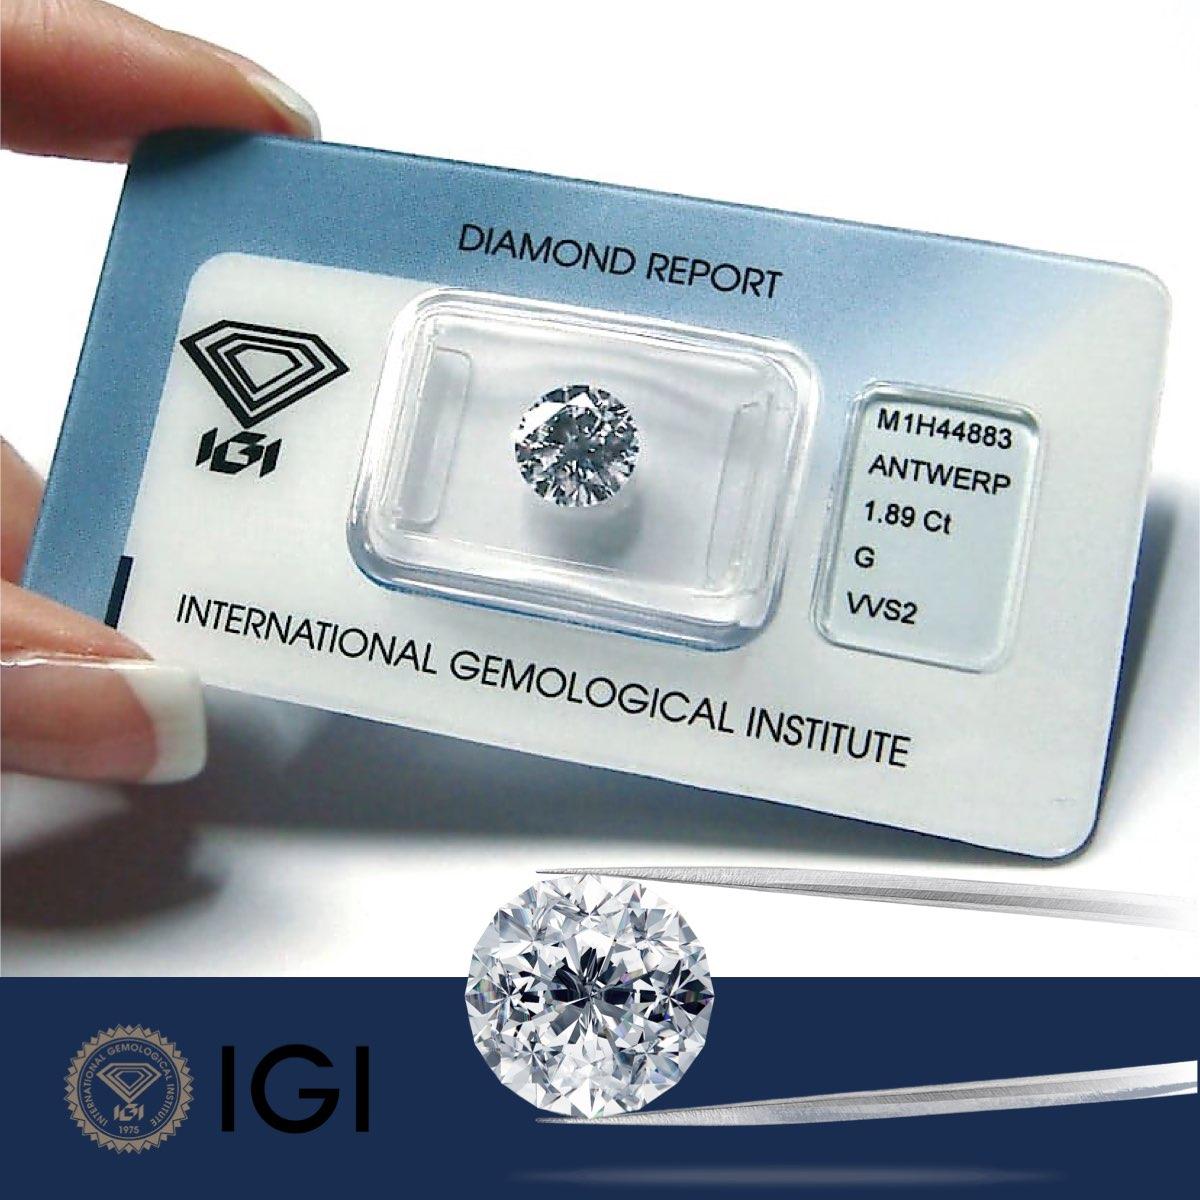 Diamanti certificati IGI sigillati